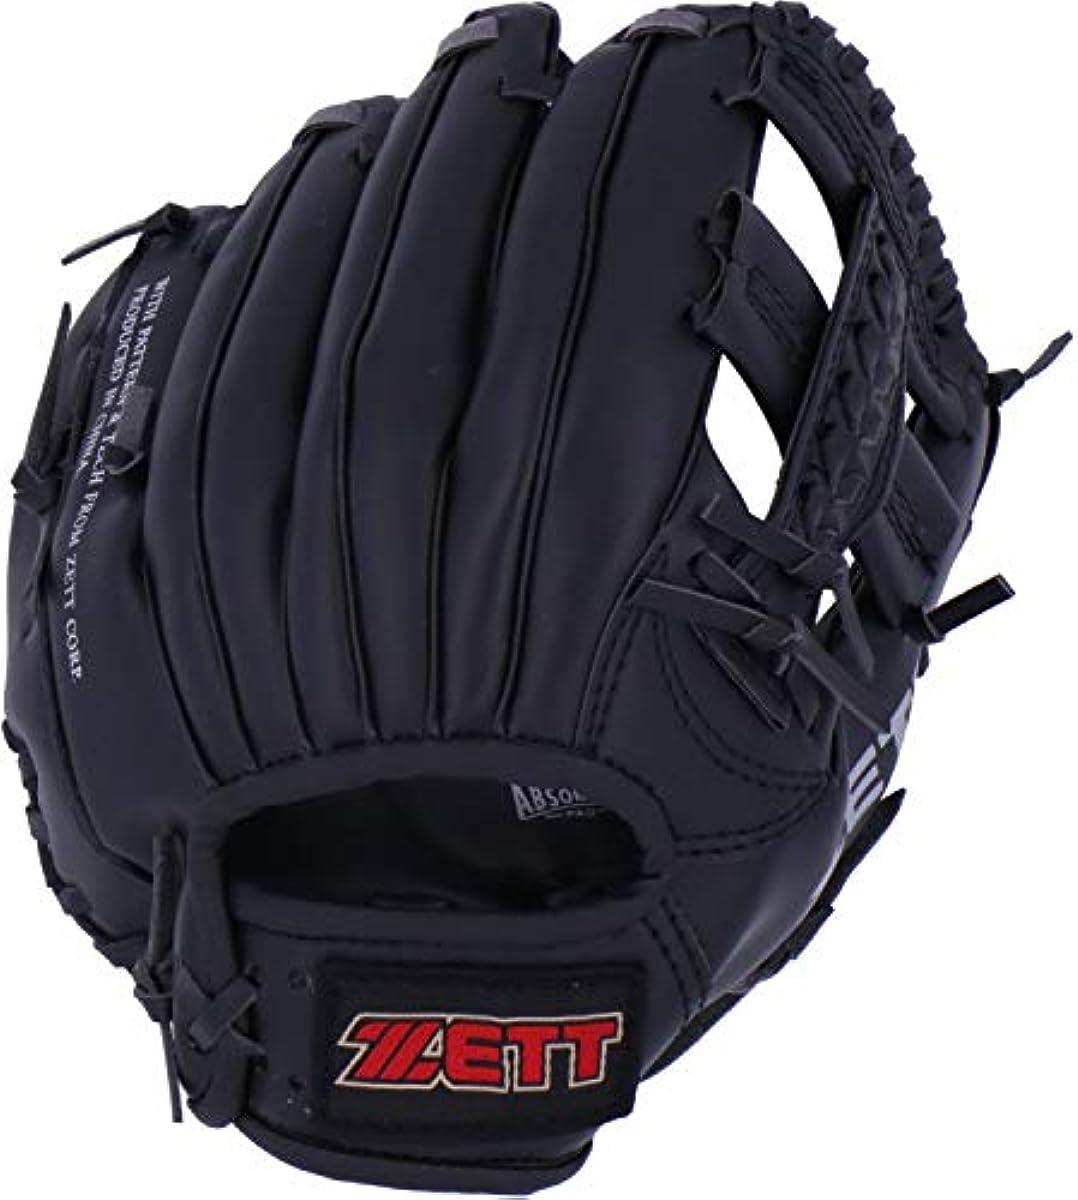 [해외] 제트ZETT 소년 야구 연식 글러브 올라운드 초심자용 충격 흡수 패드 부착 10.5인치 초등학생용 블랙 BDG2112